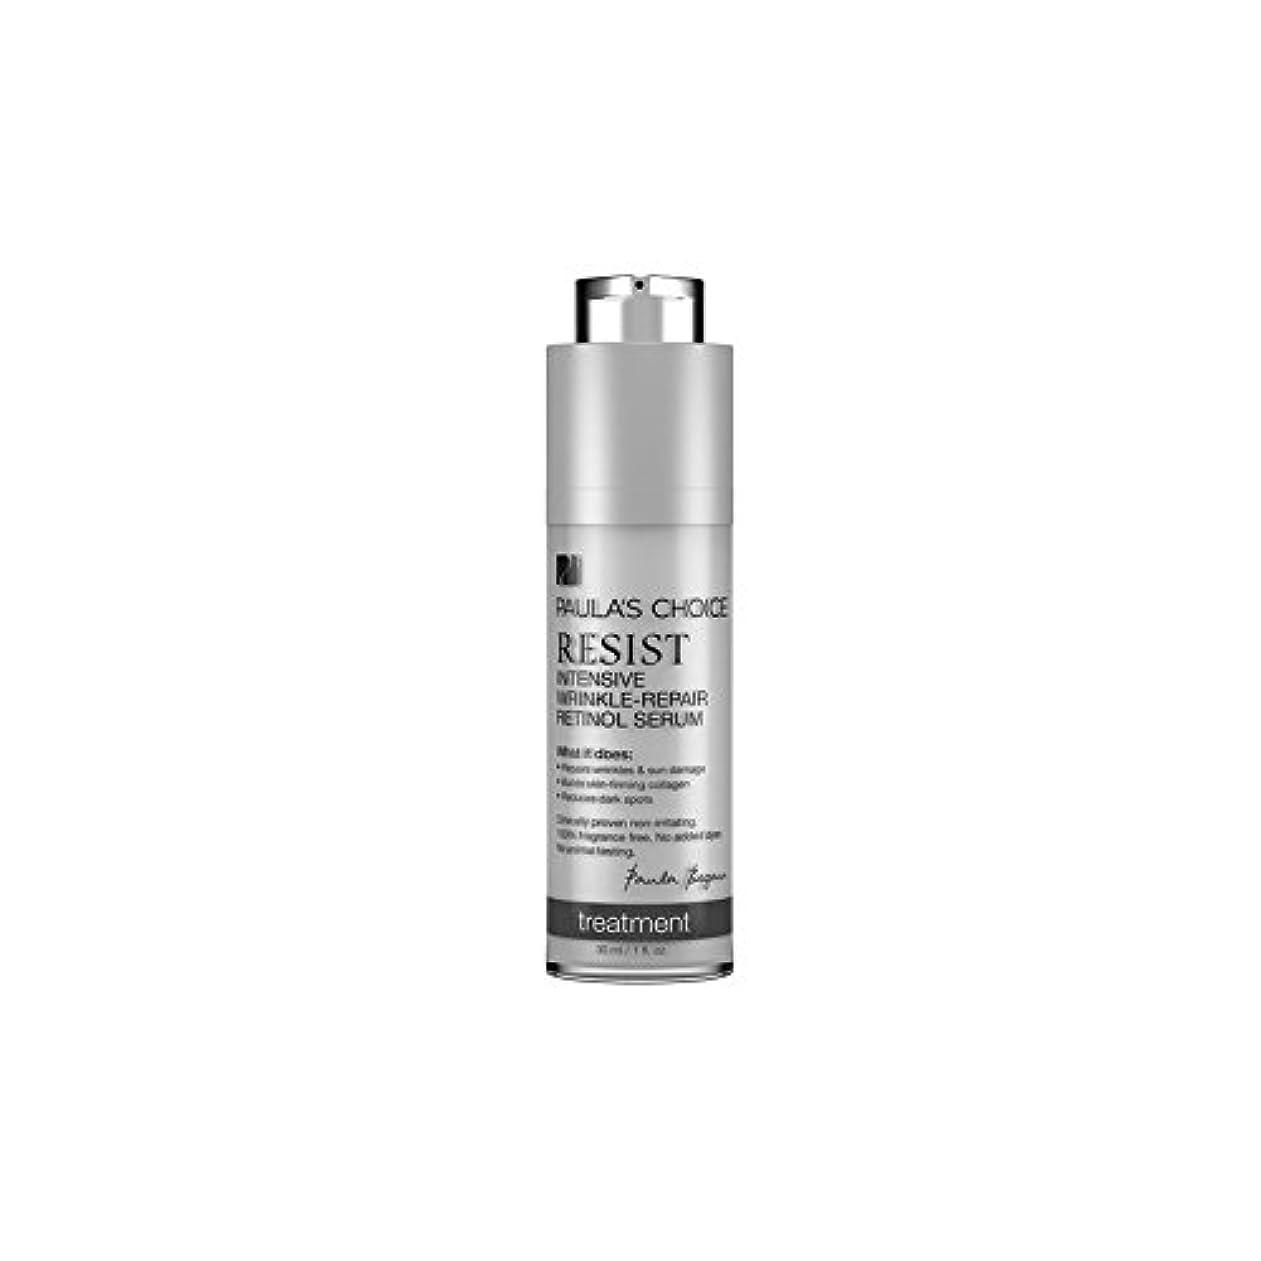 ティッシュ装備する感じるポーラチョイスは、集中的なしわ修復レチノール血清(30ミリリットル)を抵抗します x4 - Paula's Choice Resist Intensive Wrinkle-Repair Retinol Serum (30ml) (Pack of 4) [並行輸入品]